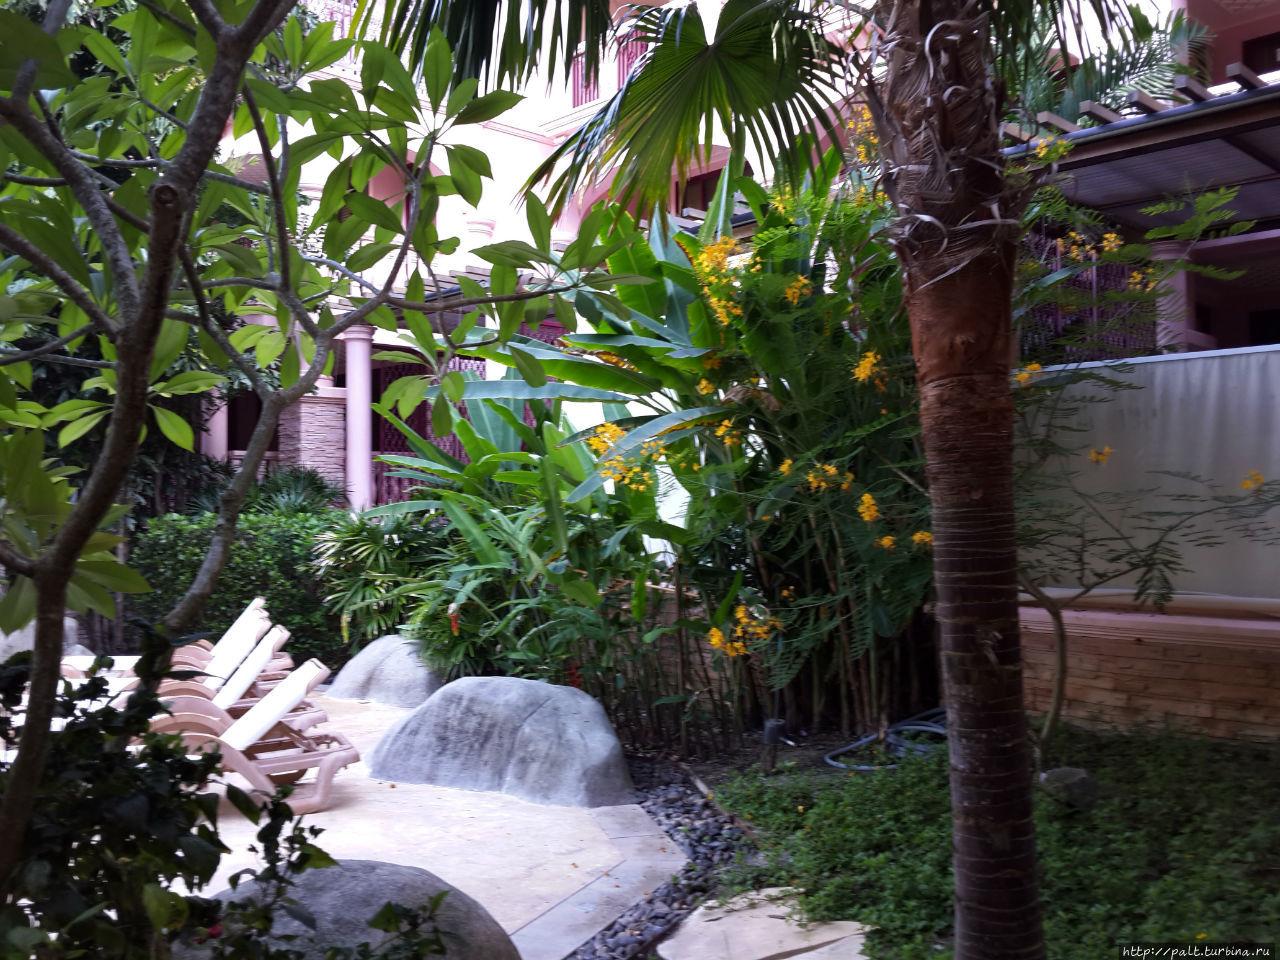 От случайных посетителей всегда можно отгородить бассейн шторкой. А вот от москитов вряд ли. В каждом номере отеля от